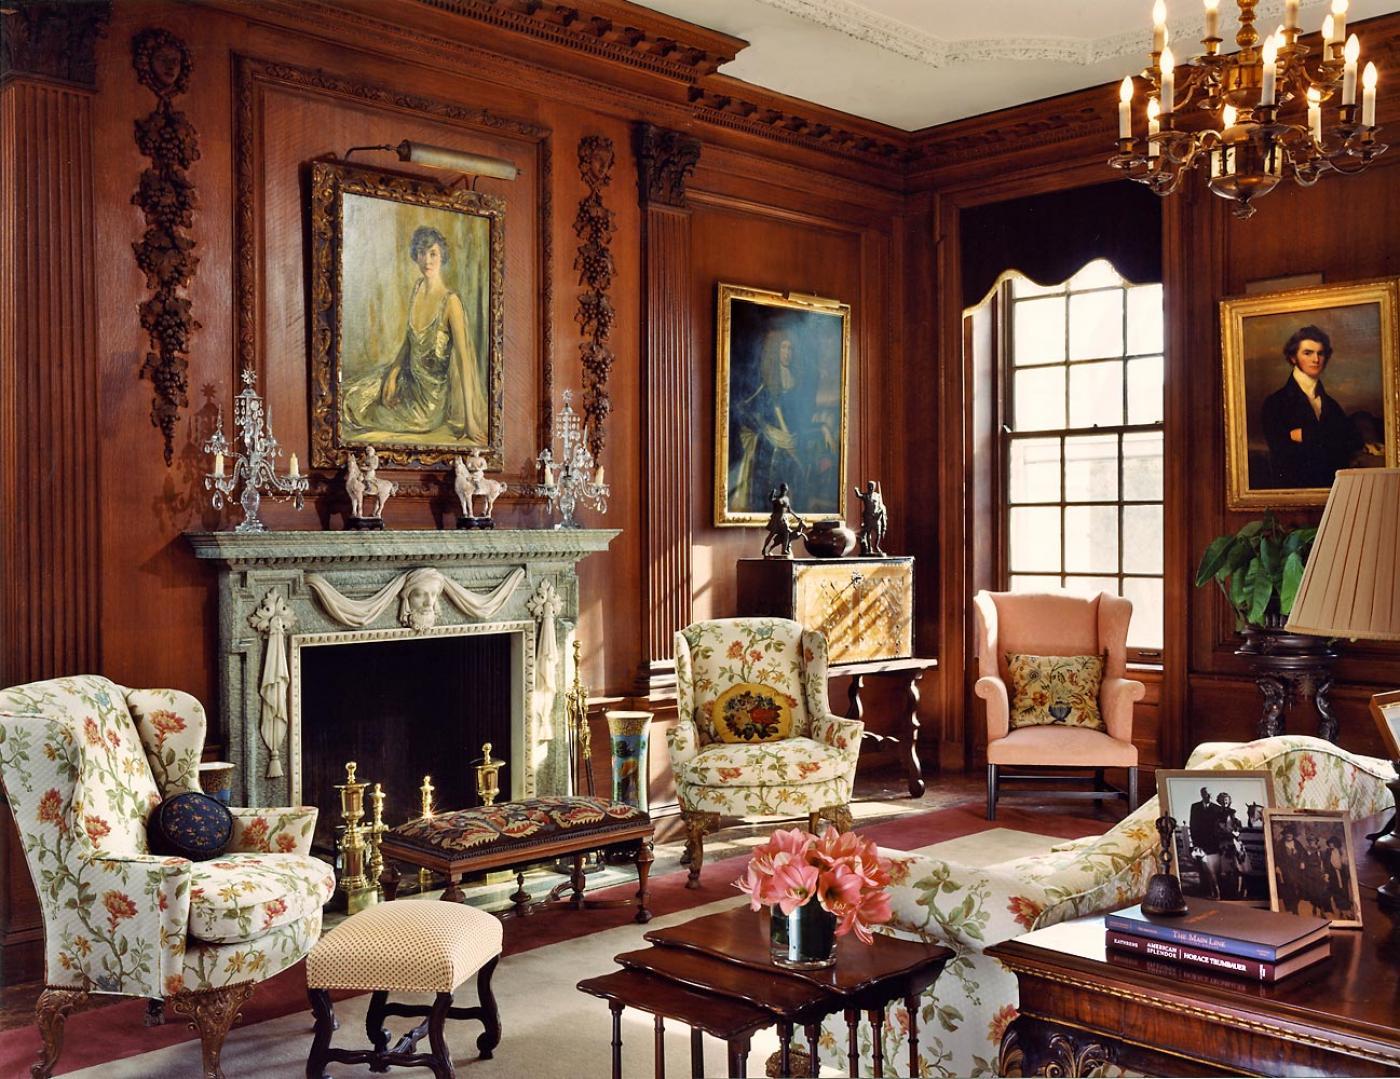 Interior design consultant definition simple minimalist home ideas for Interior decorating consultant